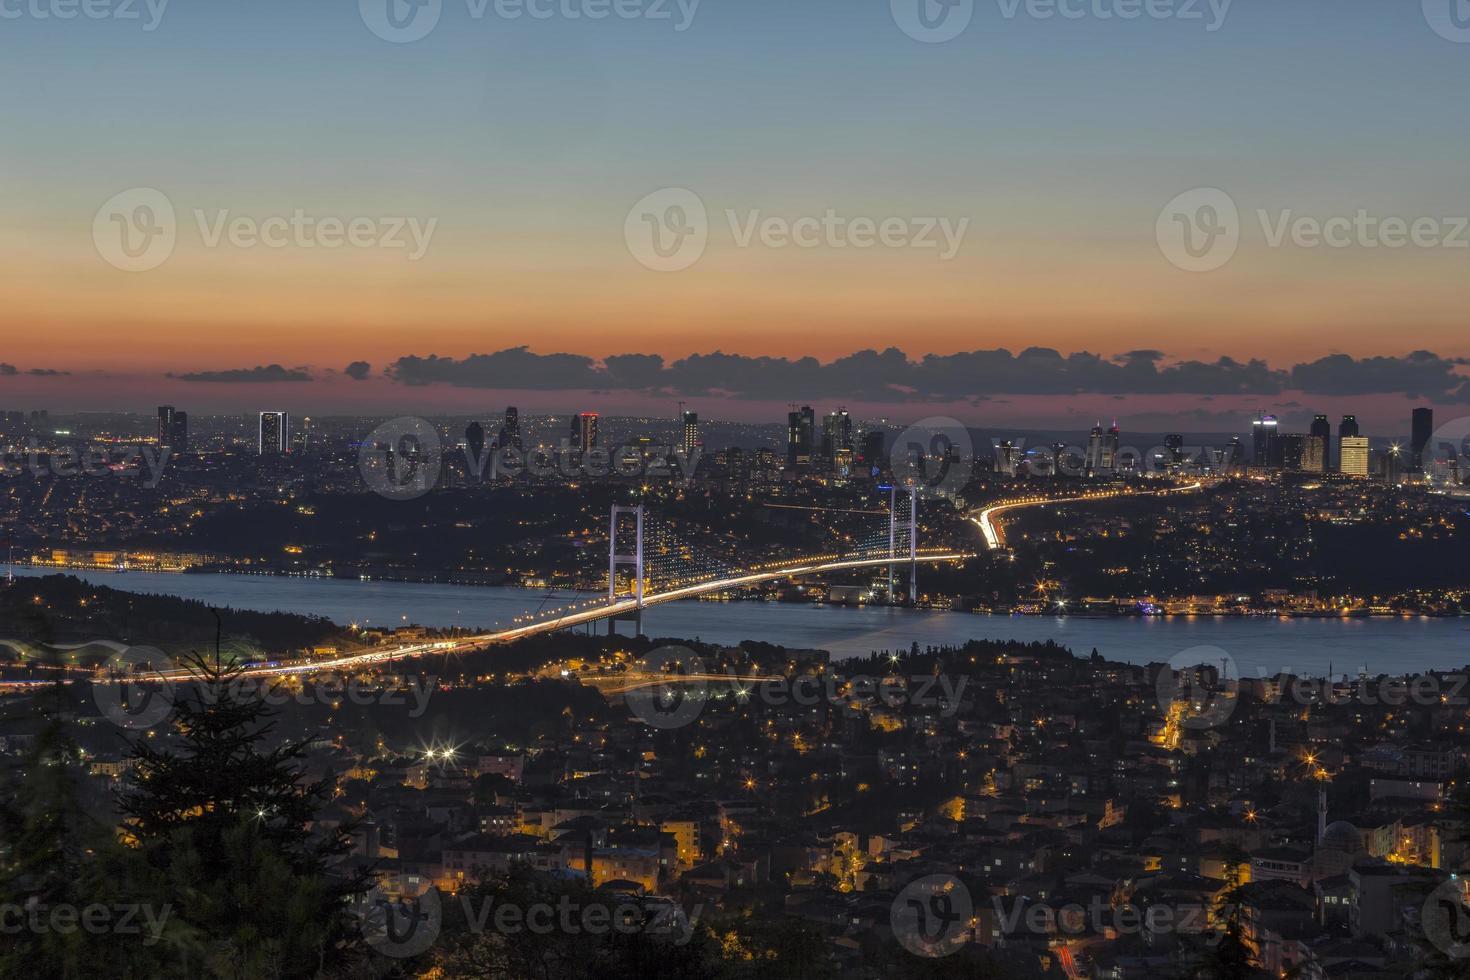 Bosphorus Bridge (Boğaziçi Köprüsü) photo